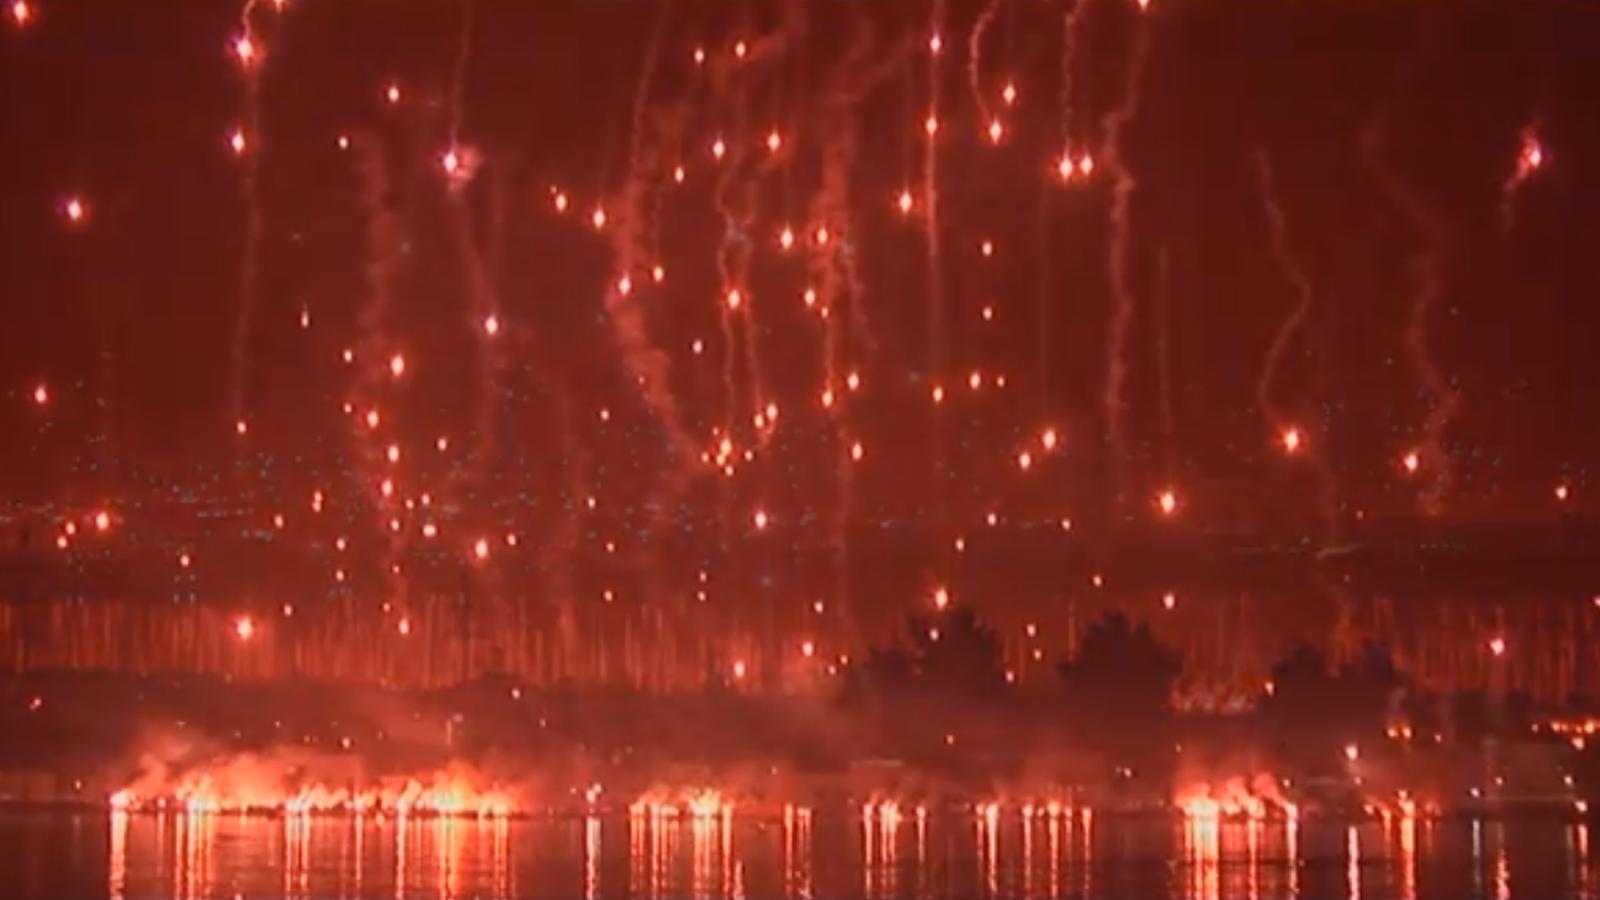 Espectacular vídeo del centenari del Hajduk Split